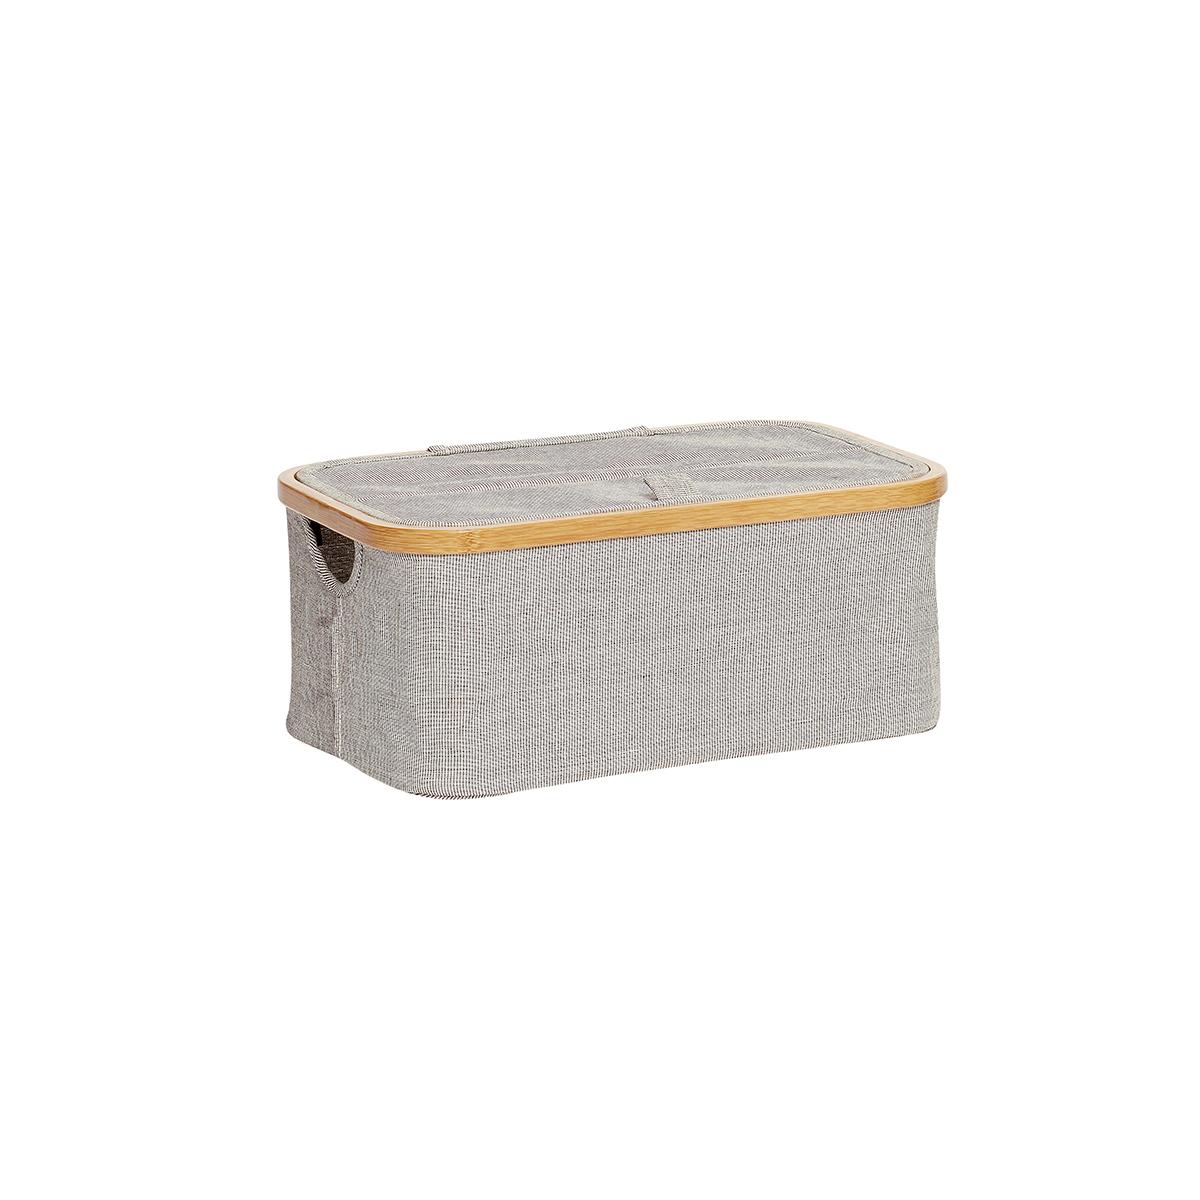 Boîte de rangement avec couvercle en tissu et bambou gris (photo)